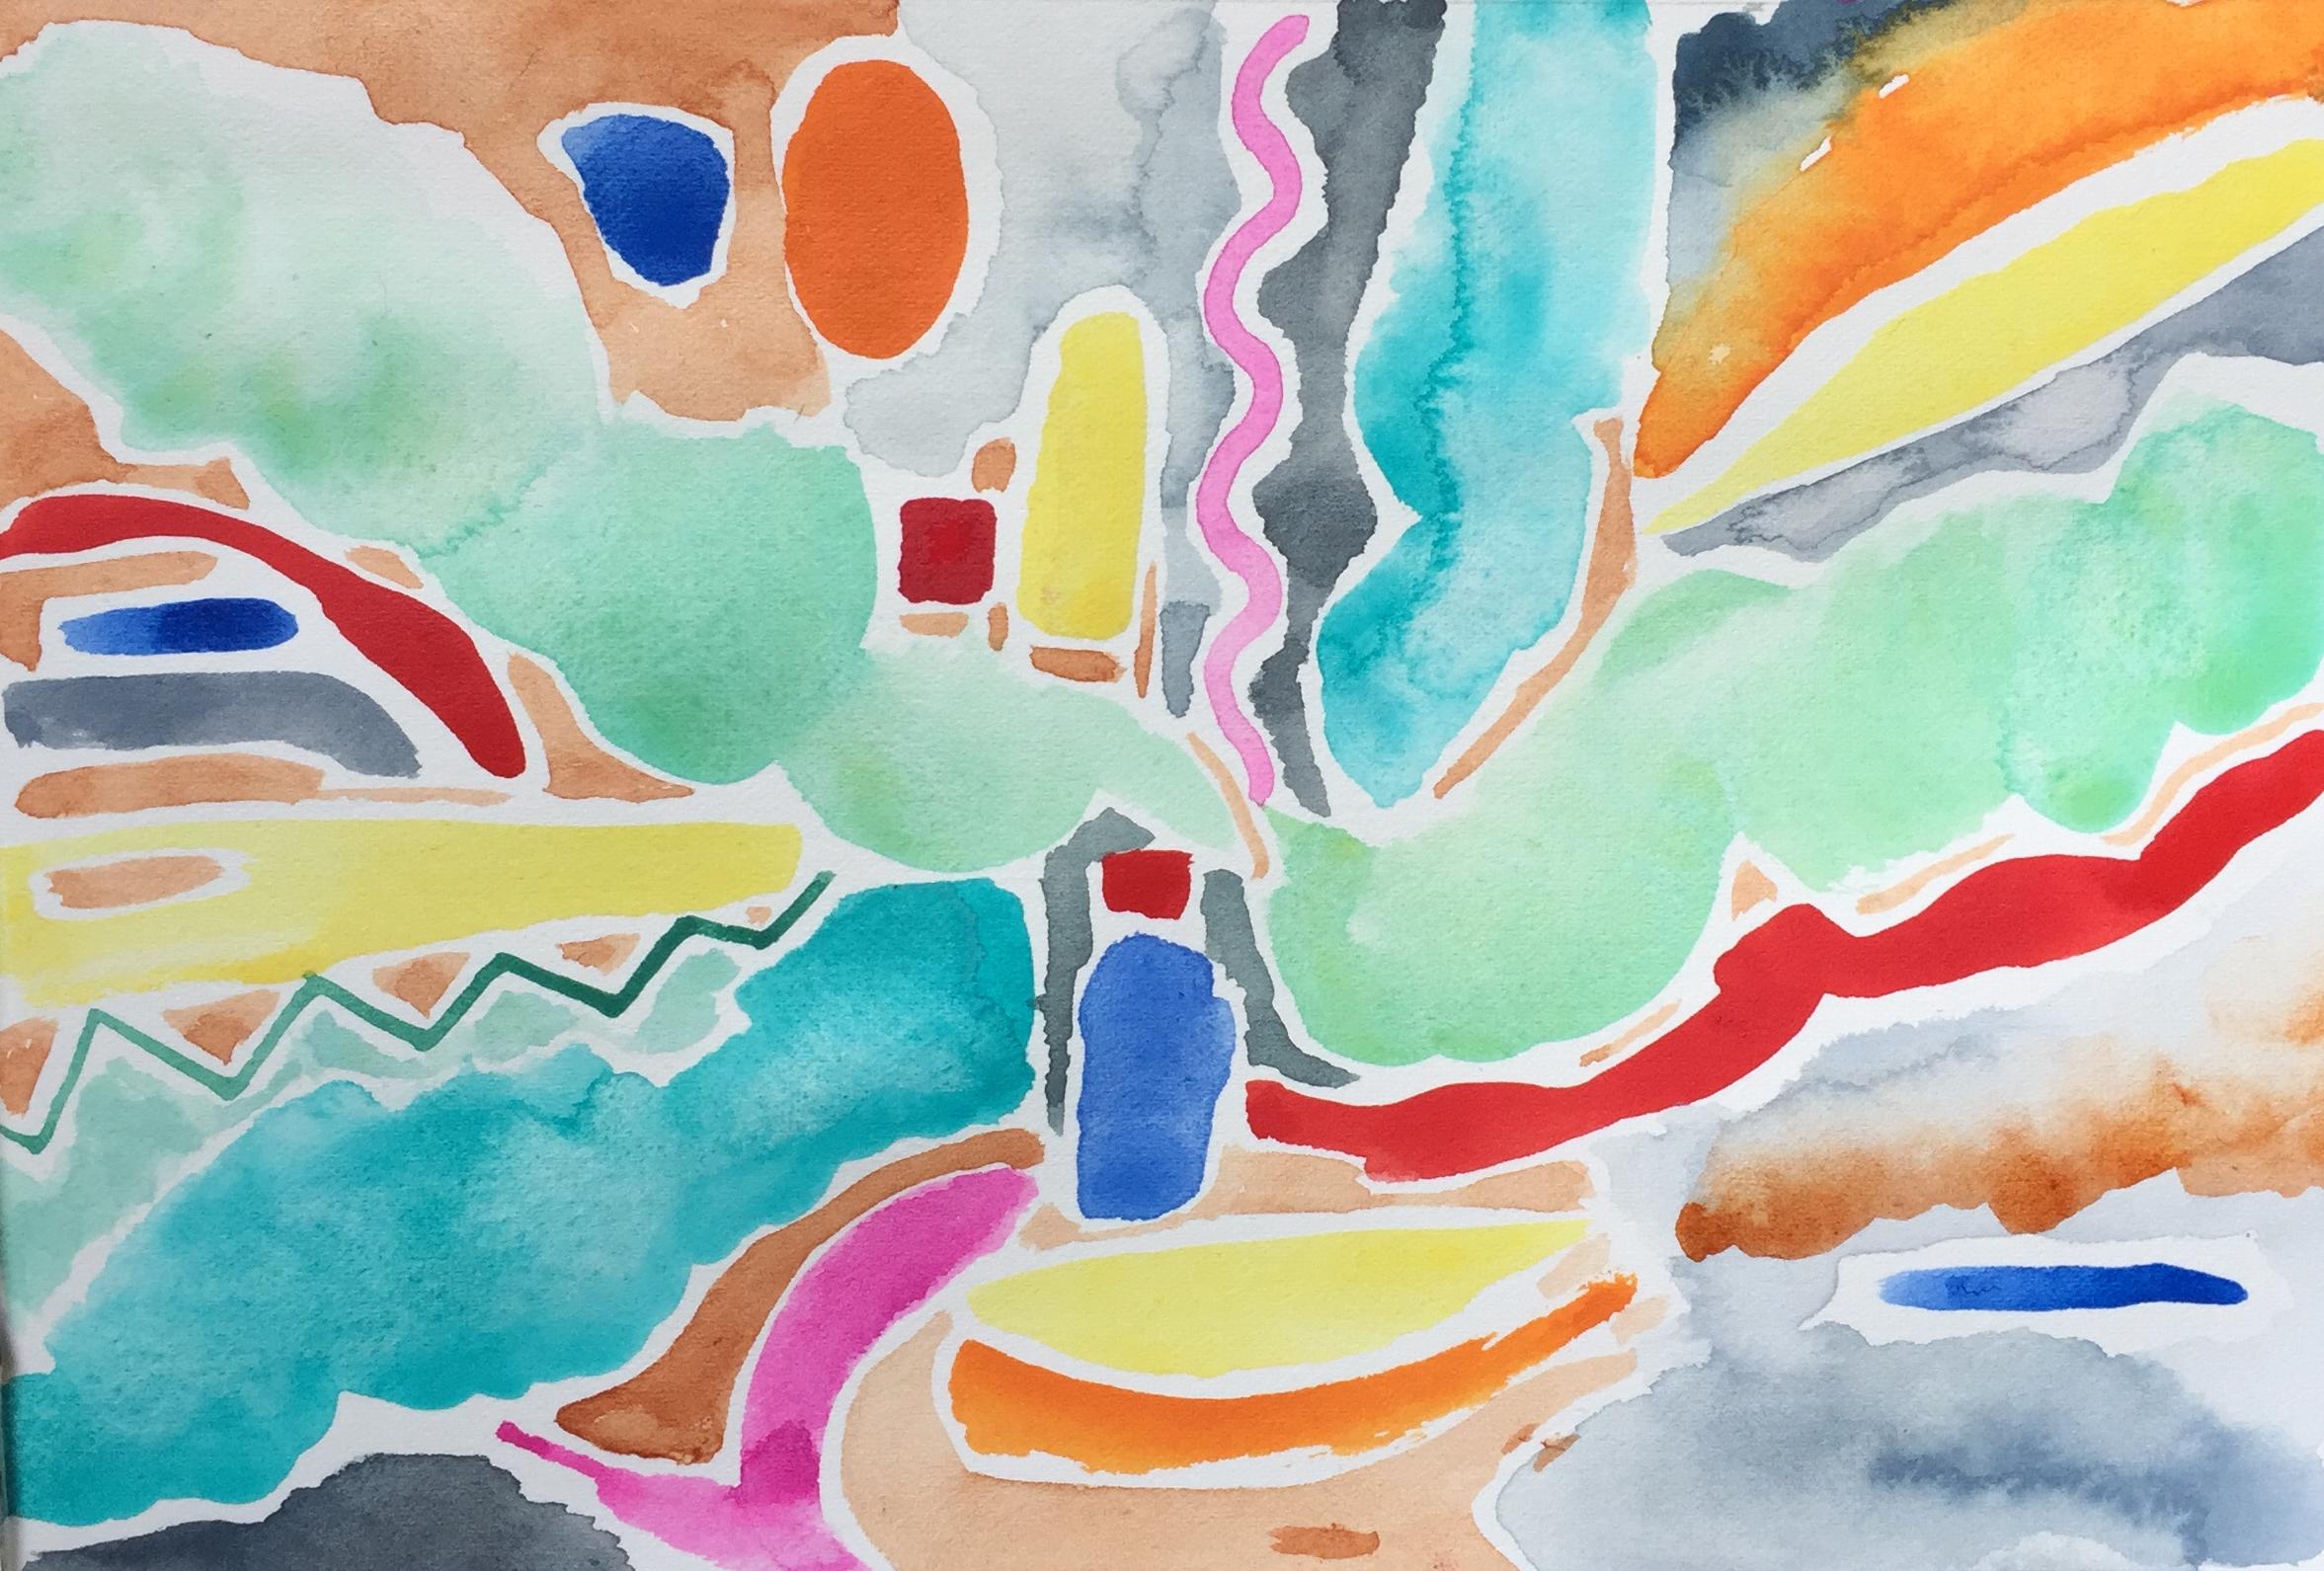 watercolor 75